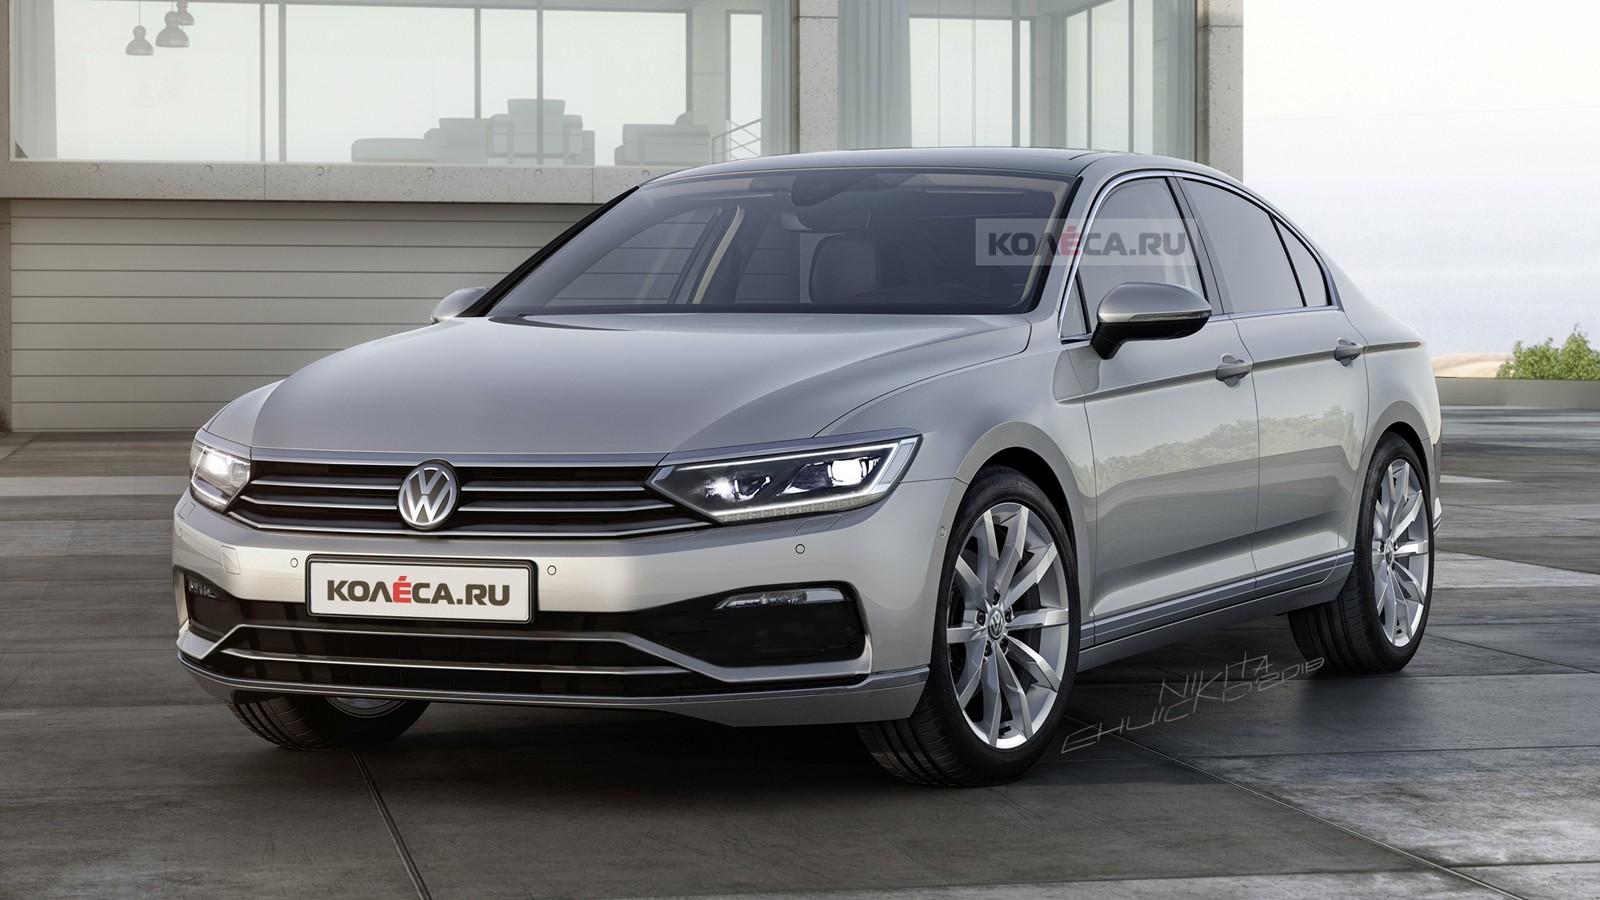 Volkswagen Passat front1